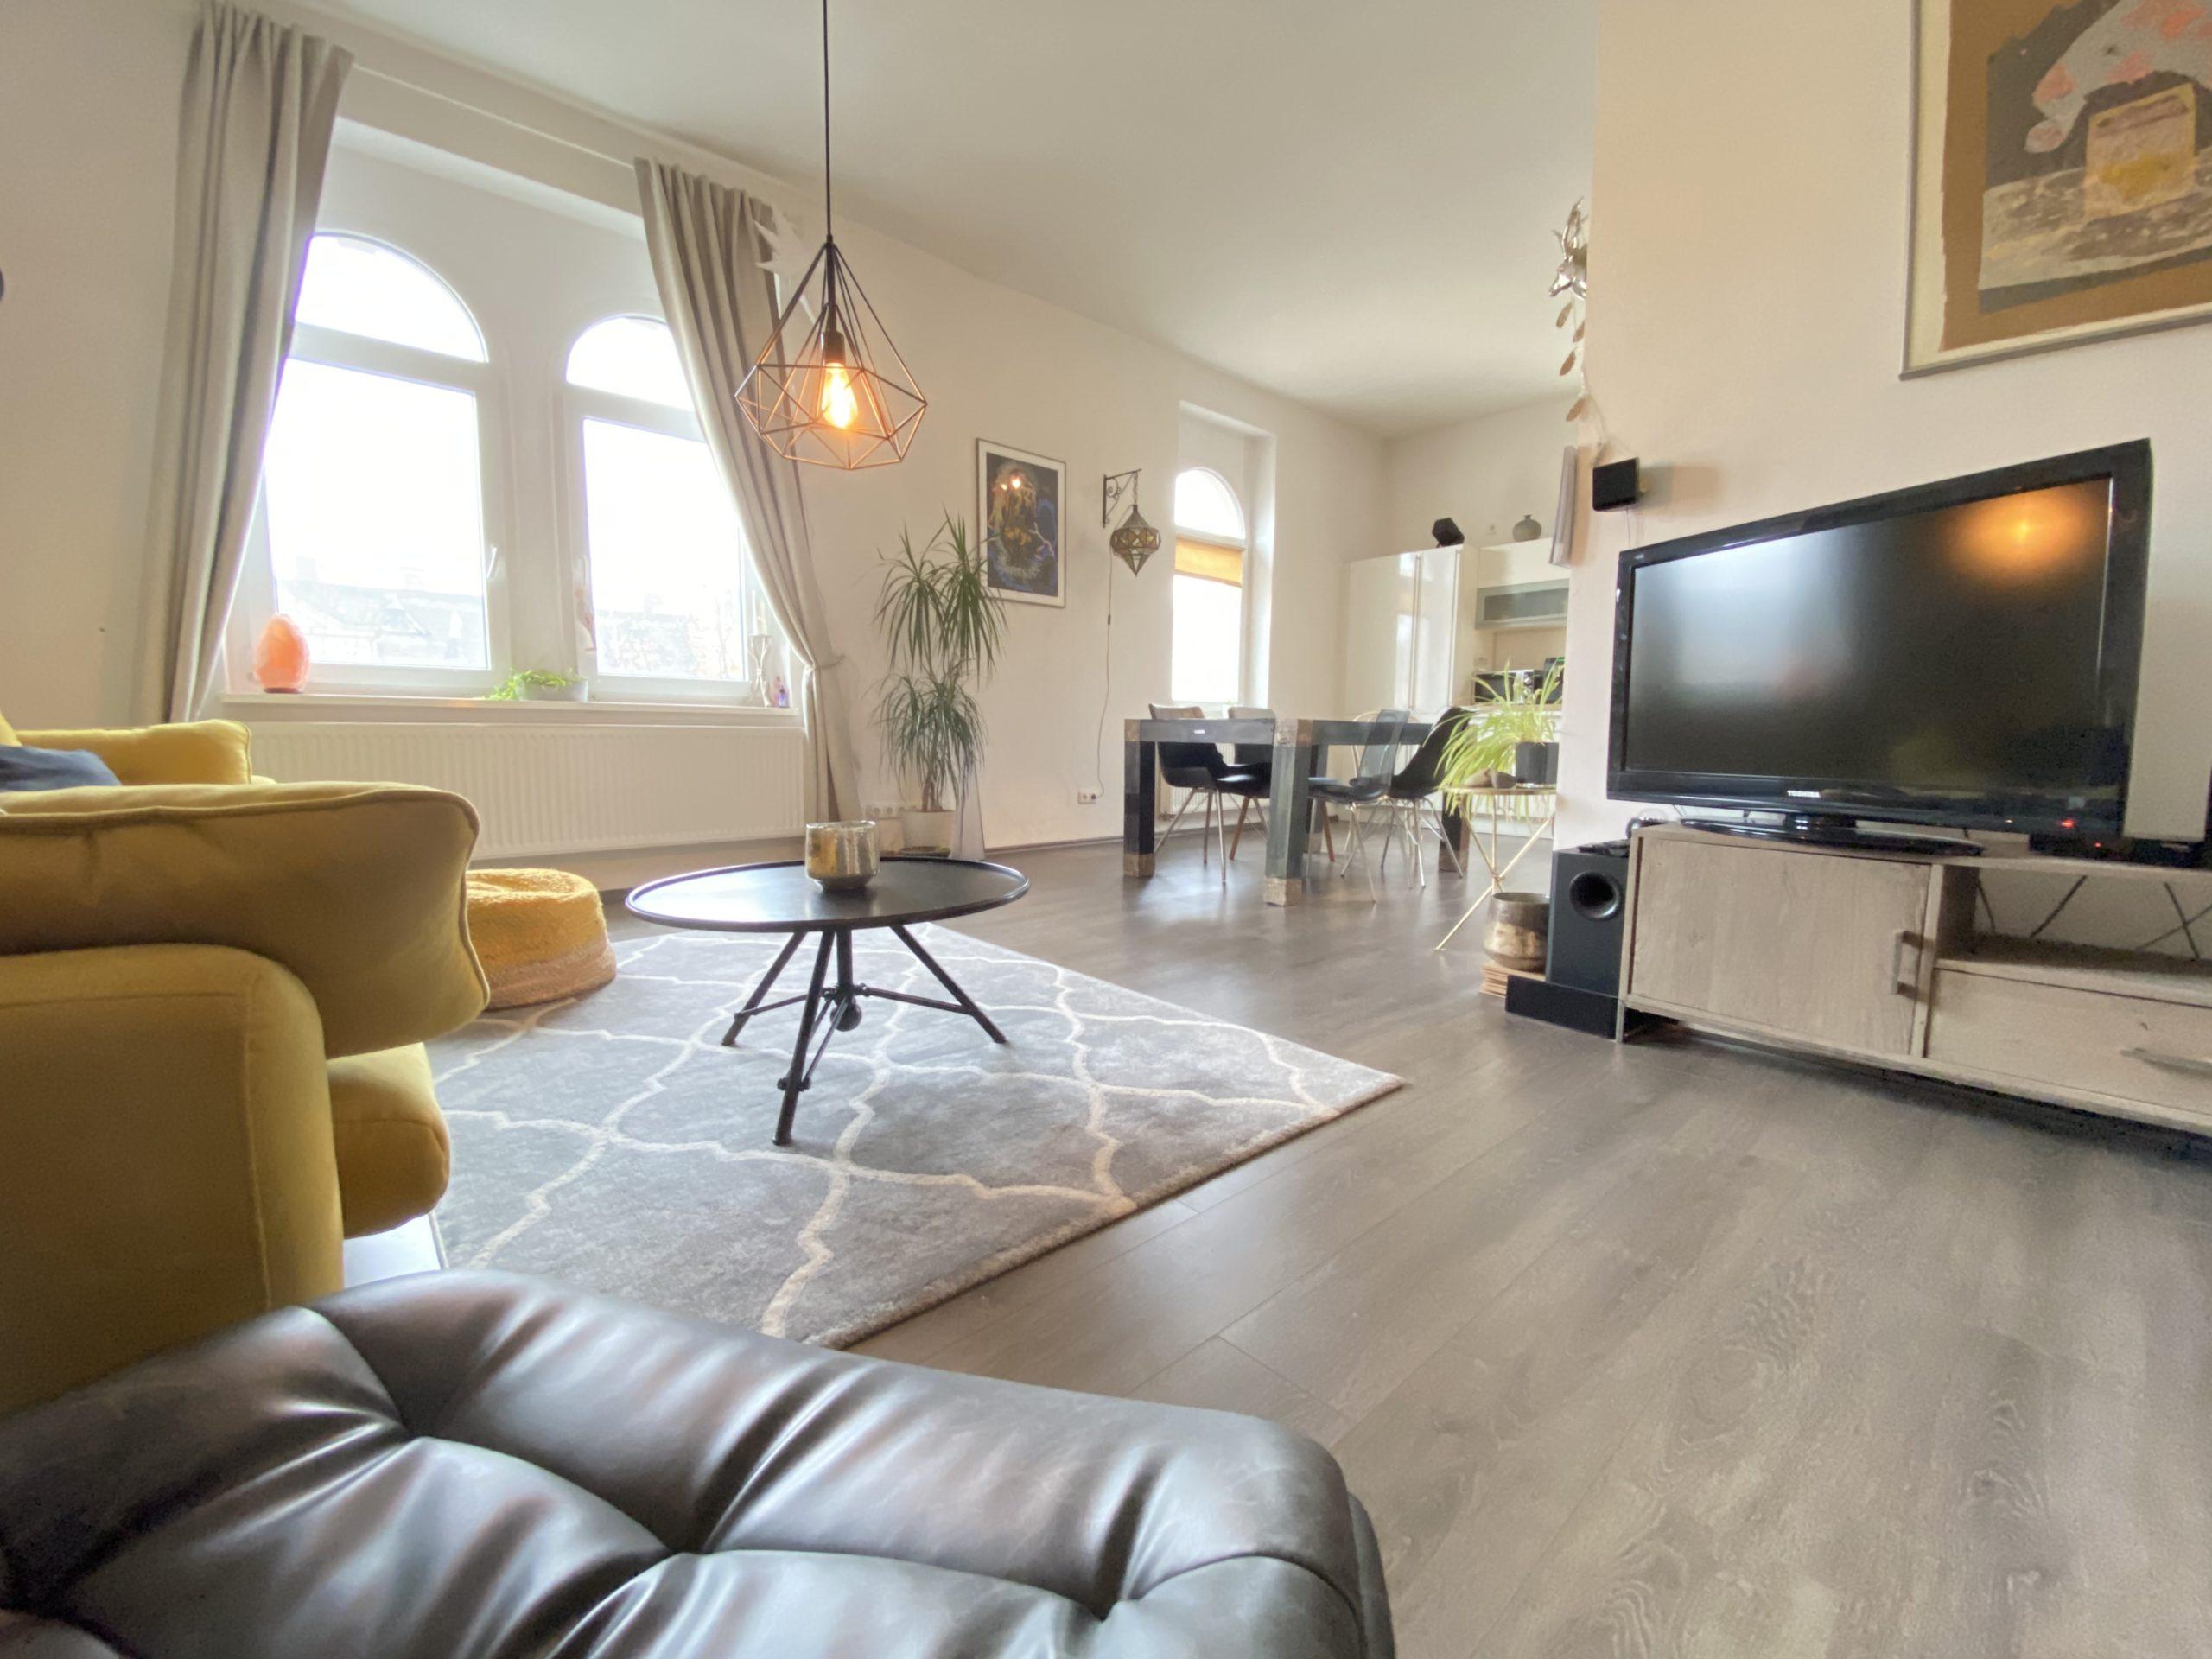 228 Geräumiges Wohnzimmer mit Blick zur Küche